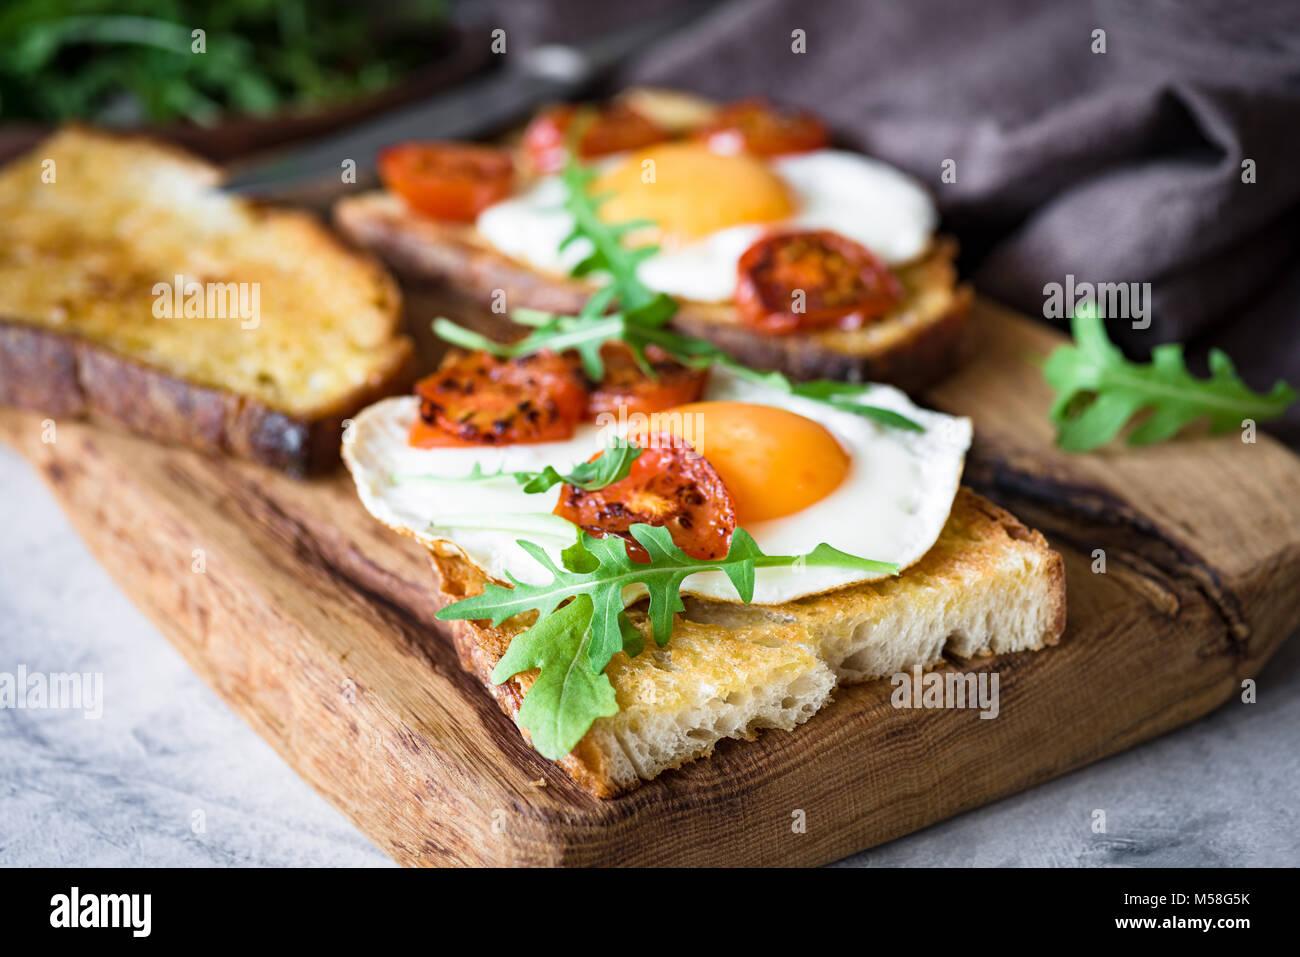 Petit-déjeuner sain avec des œufs, du pain grillé et tomates rôties roquette sur planche à découper Photo Stock